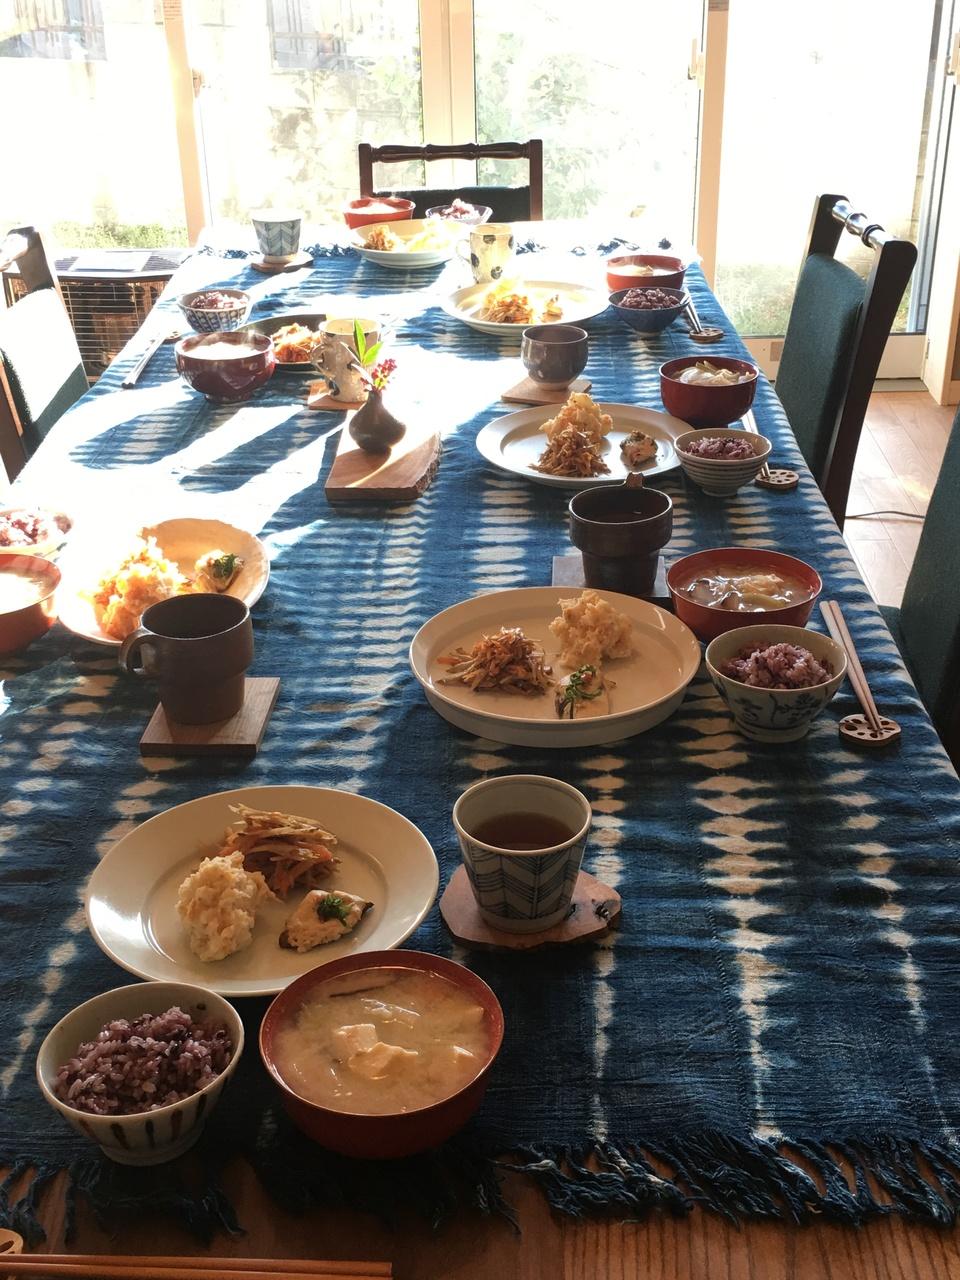 兵庫県開催、家族と私の健康のために、毎日食べたい作りたい 発酵食料理Basic講座2期